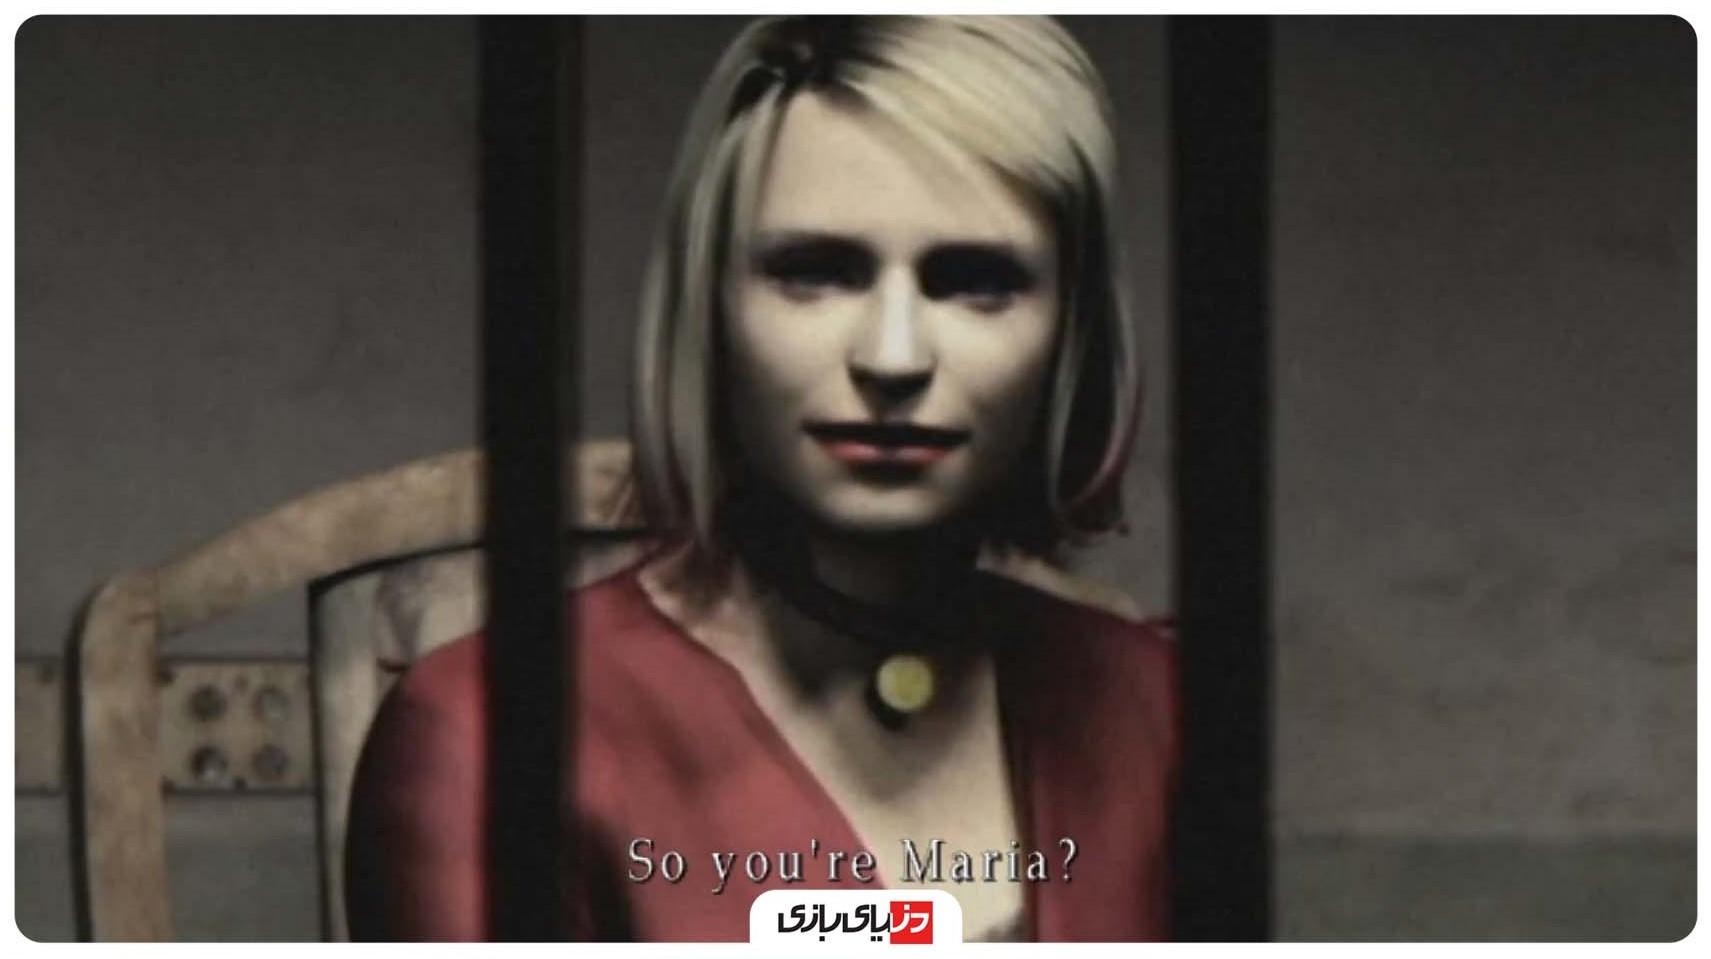 یادداشت Silent Hill 2 - تحلیل Silent Hill 2 - کاتسین هزارتوی زندان